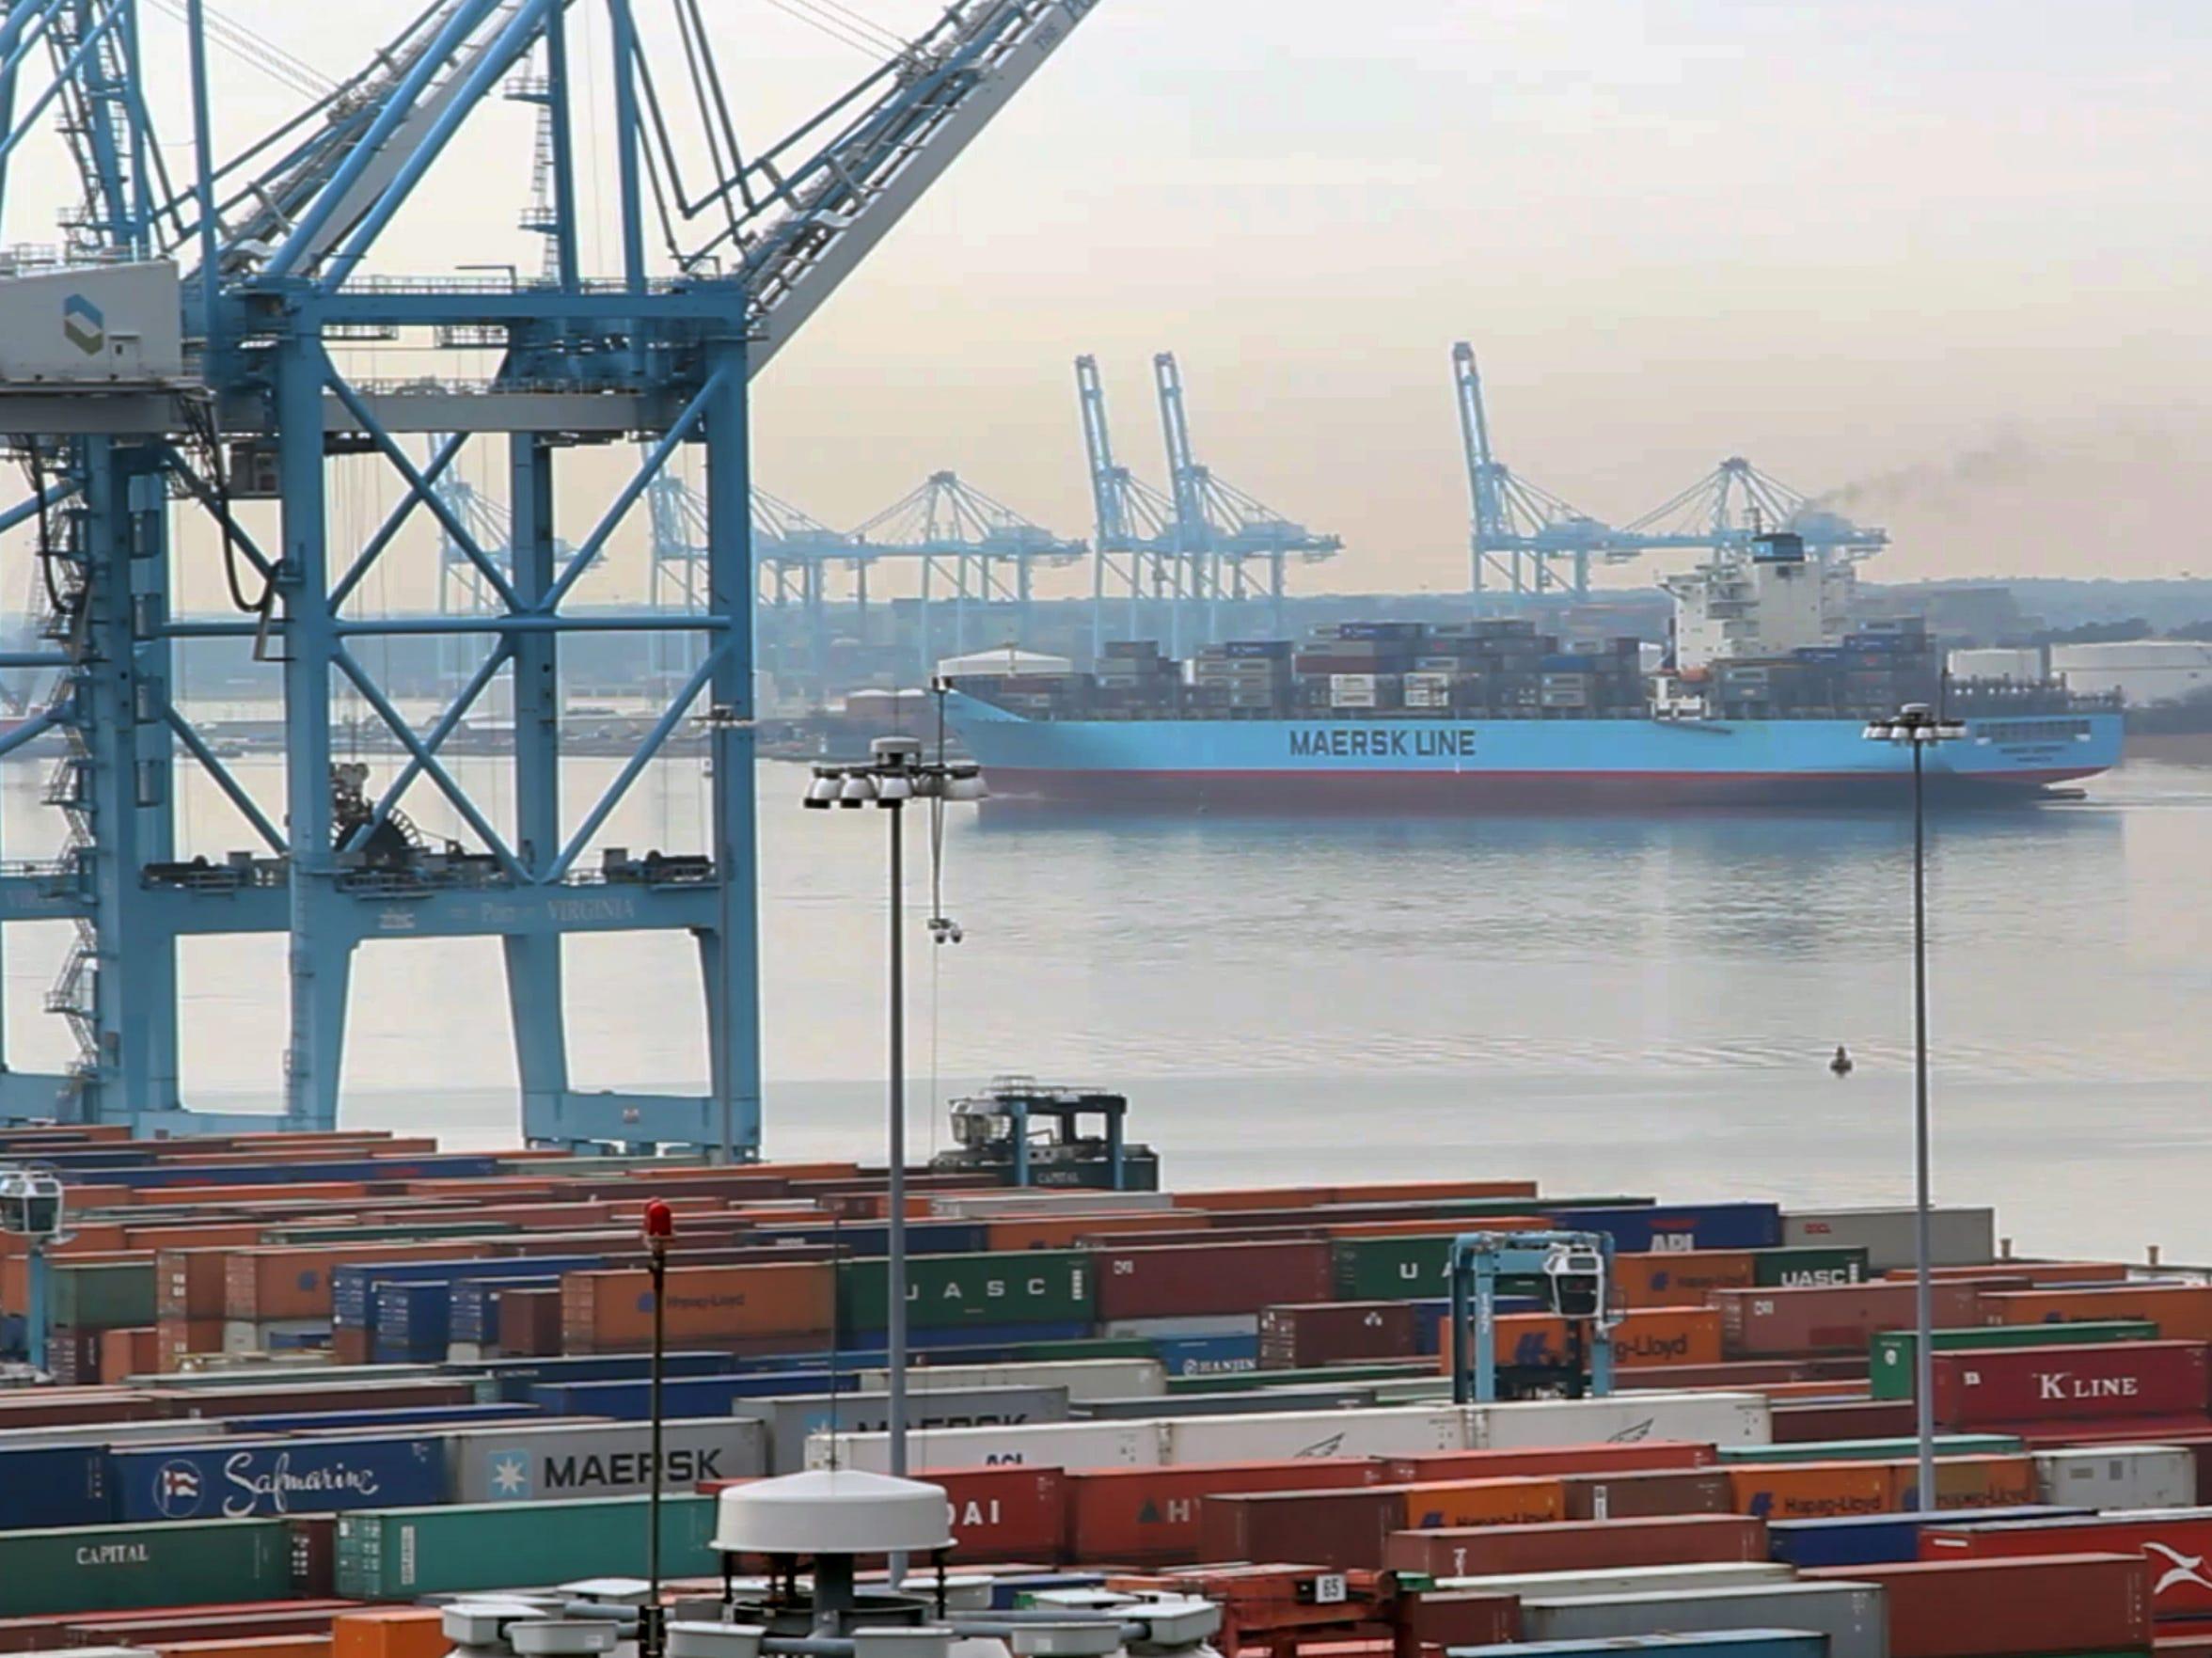 A Maersk Line ship leaves port in Norfolk, Va.